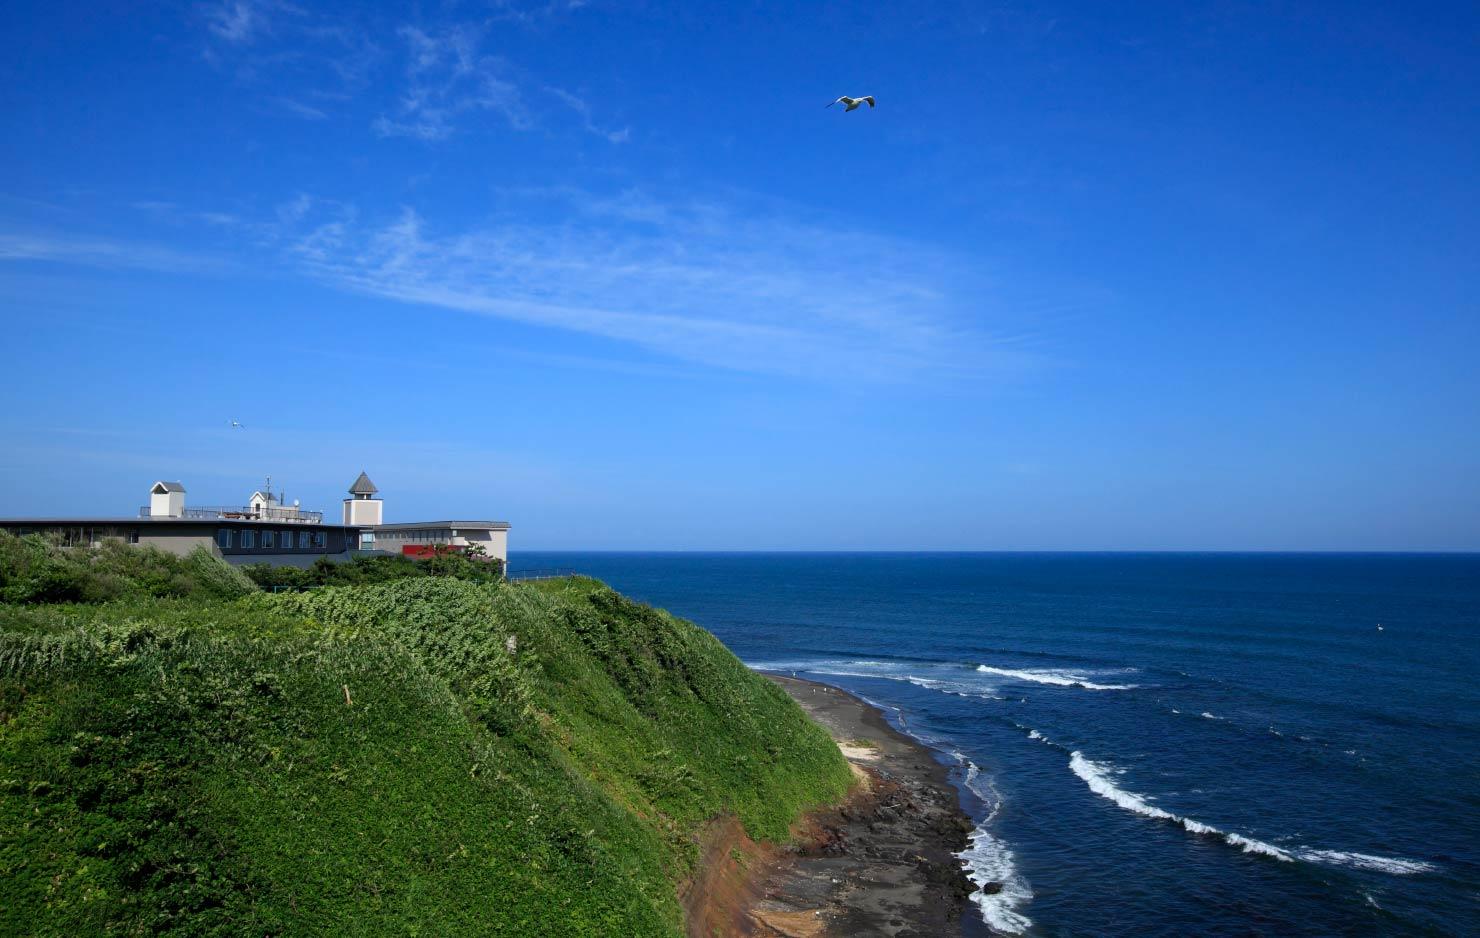 ホテルの目の前には大海原が広がり、心地よい波の音が聞こえる